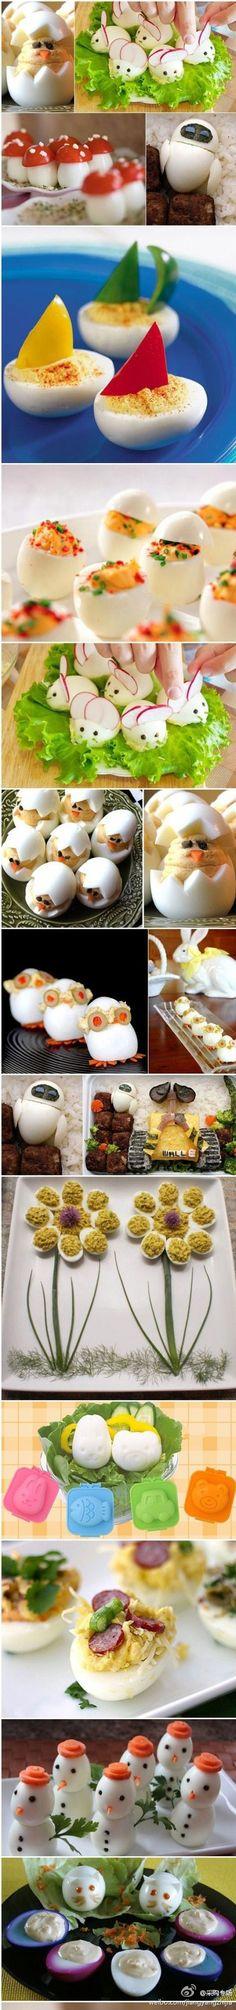 Lustige Eier zum ESSEN